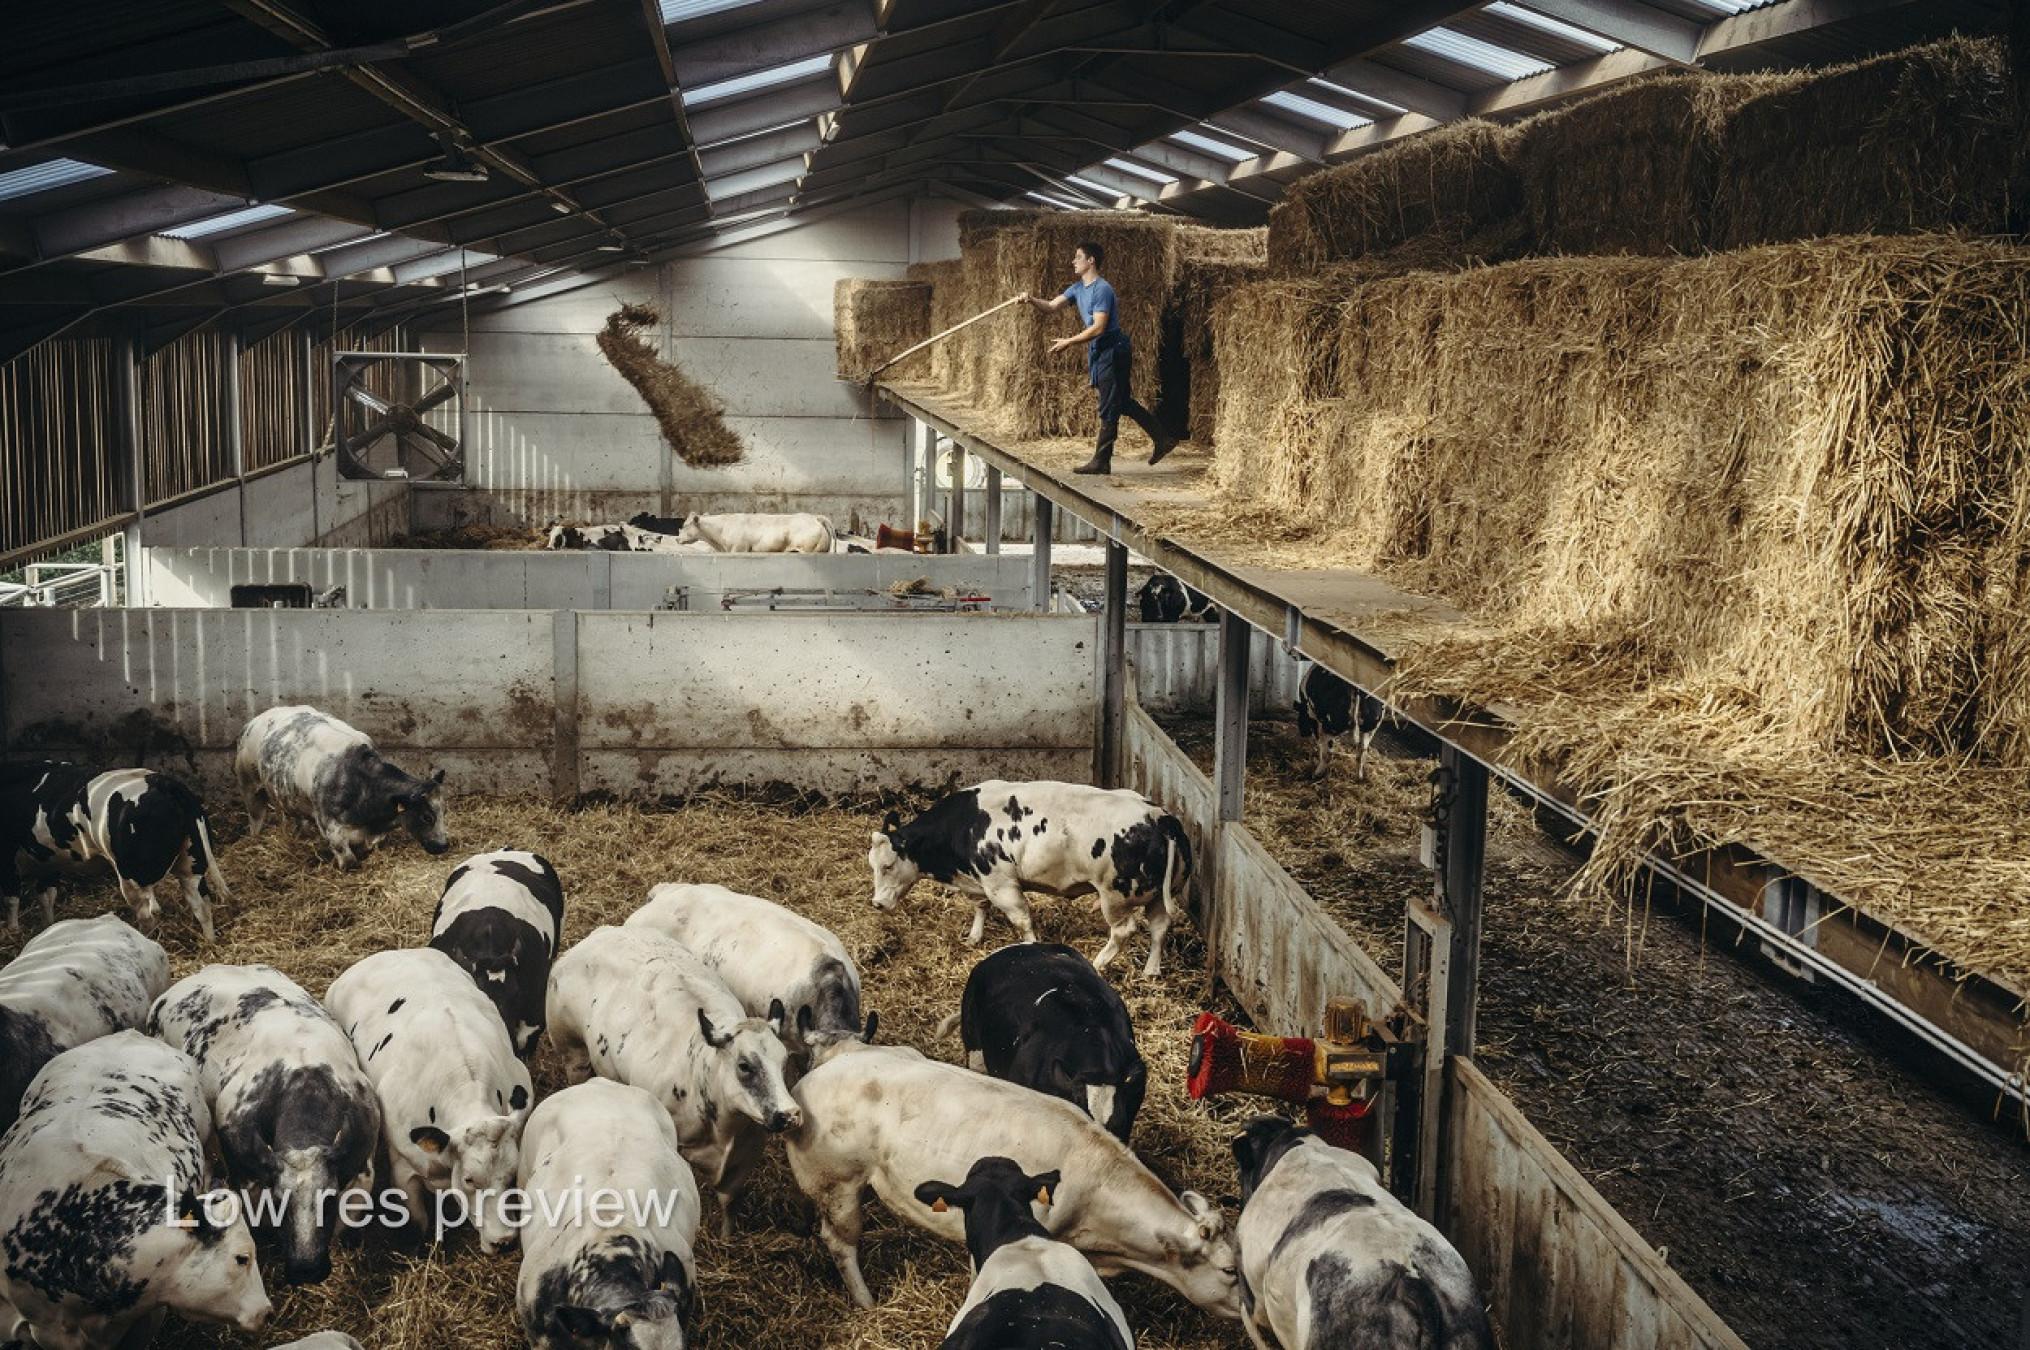 fotoreportage-VLAM-jimmyKets-vleessector-2-1250